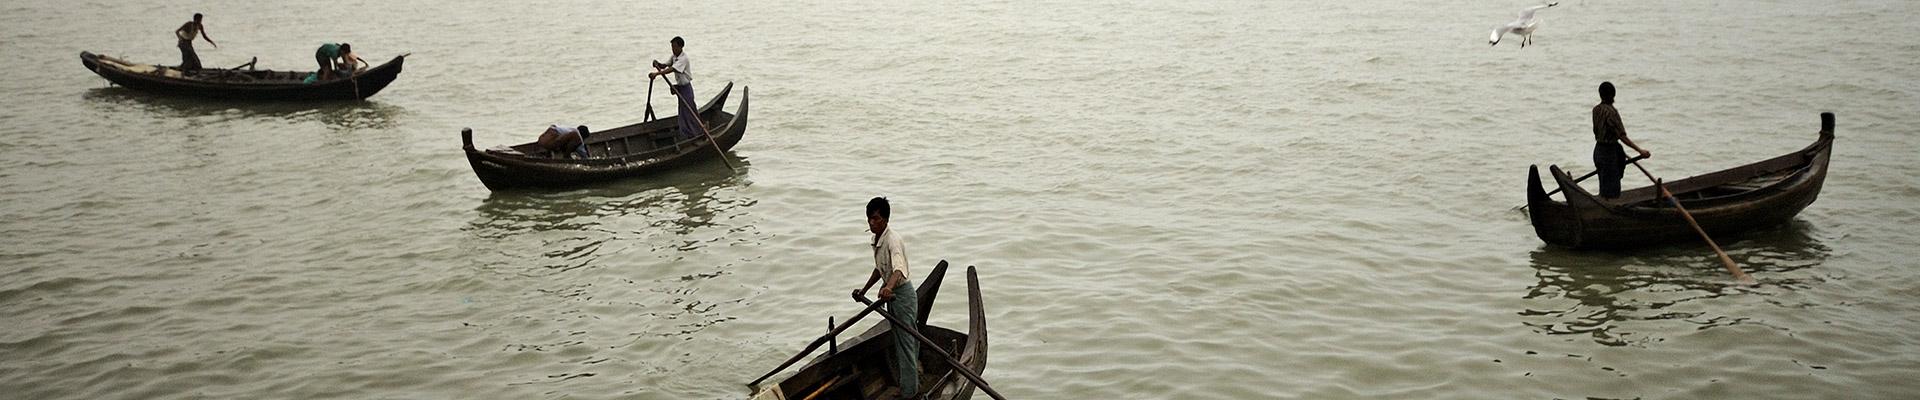 Top image marché aux poissons de Sittwe, Birmanie